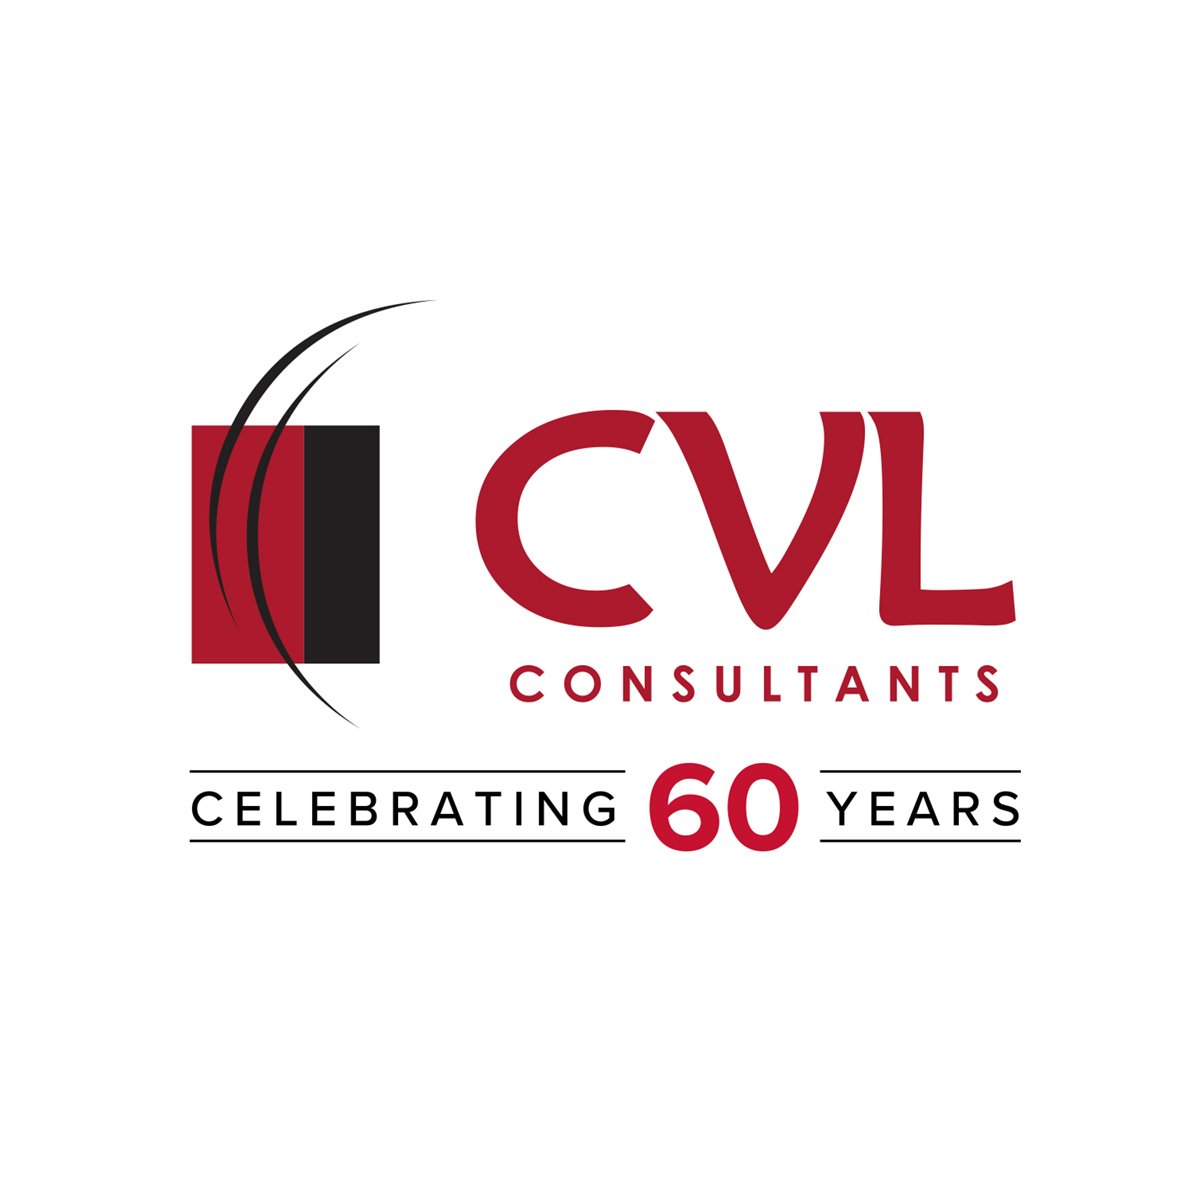 CVL Consultants logo.jpg